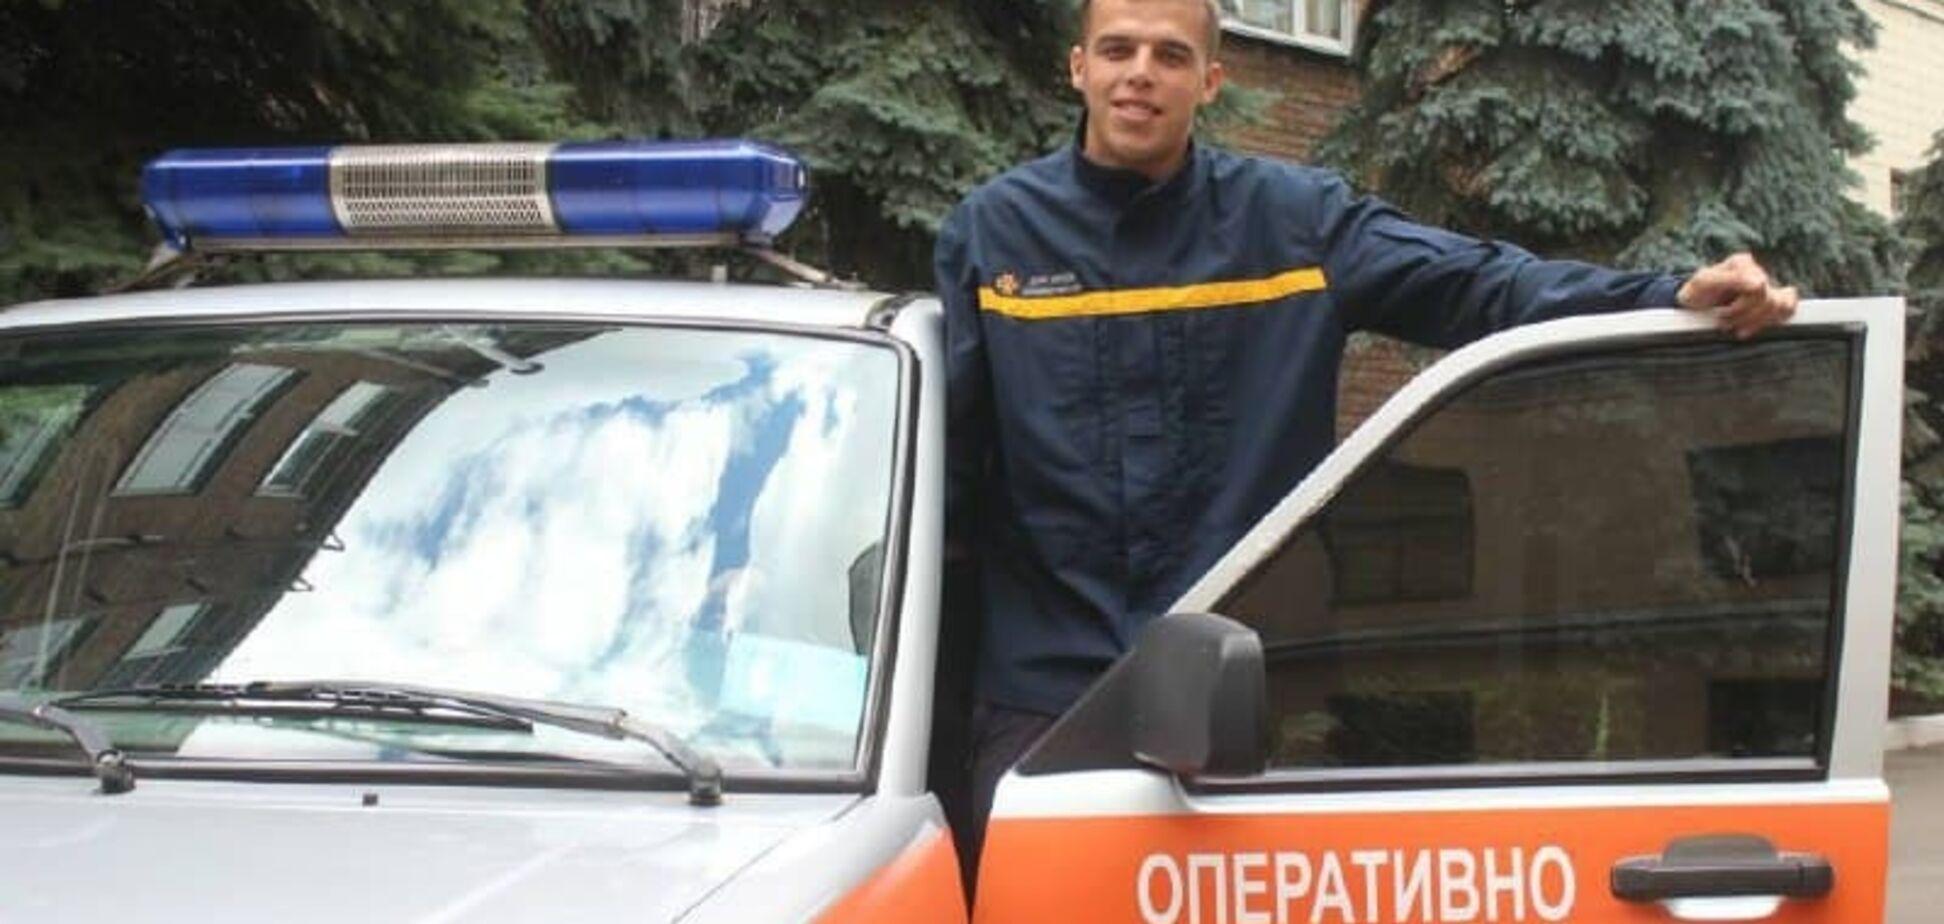 Справжній герой: у Києві рятувальник зупинив чоловіка, який напав на дівчину з ножем